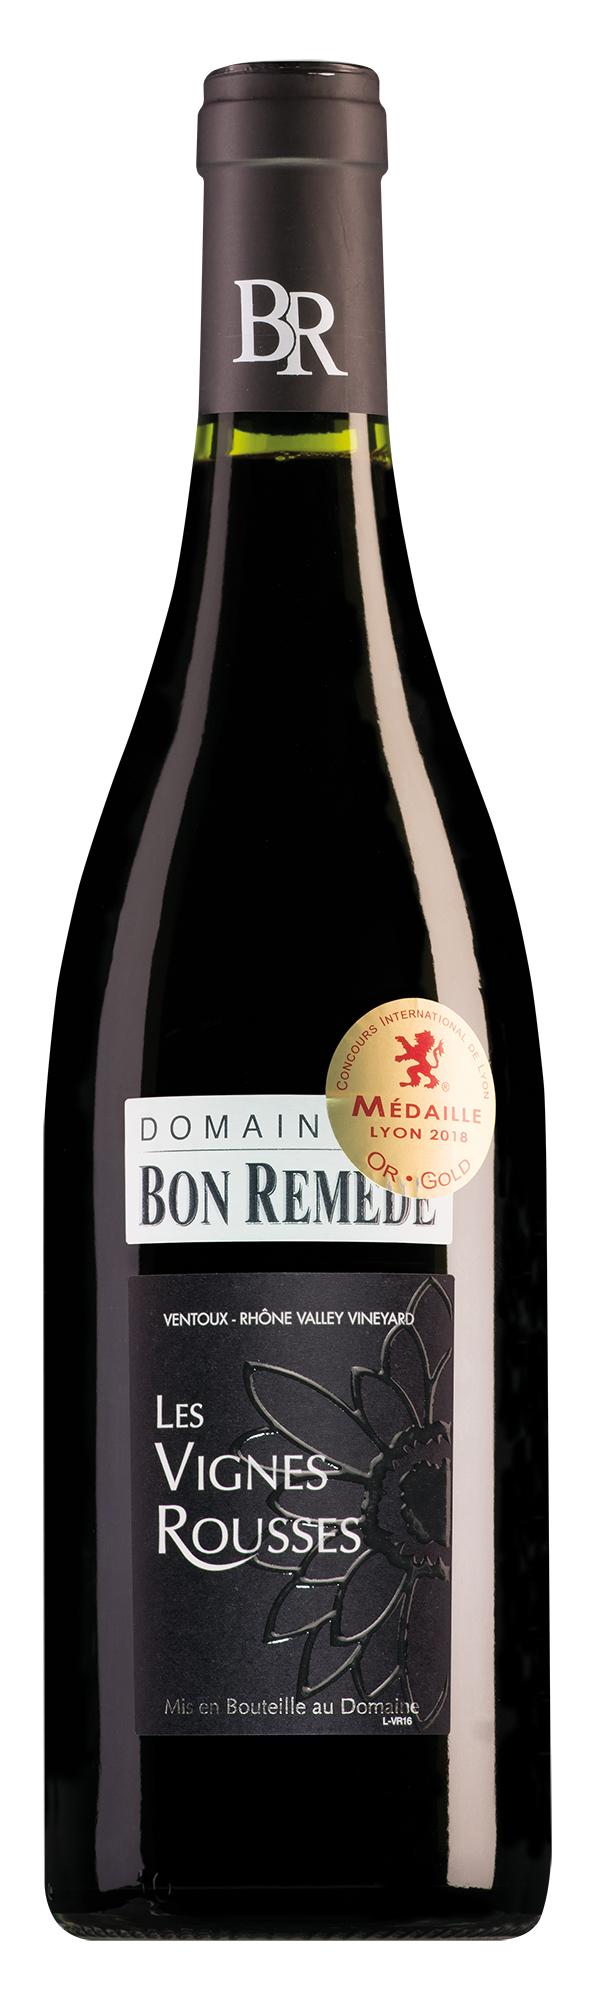 Domaine du Bon Remède Ventoux Vignes Rousses